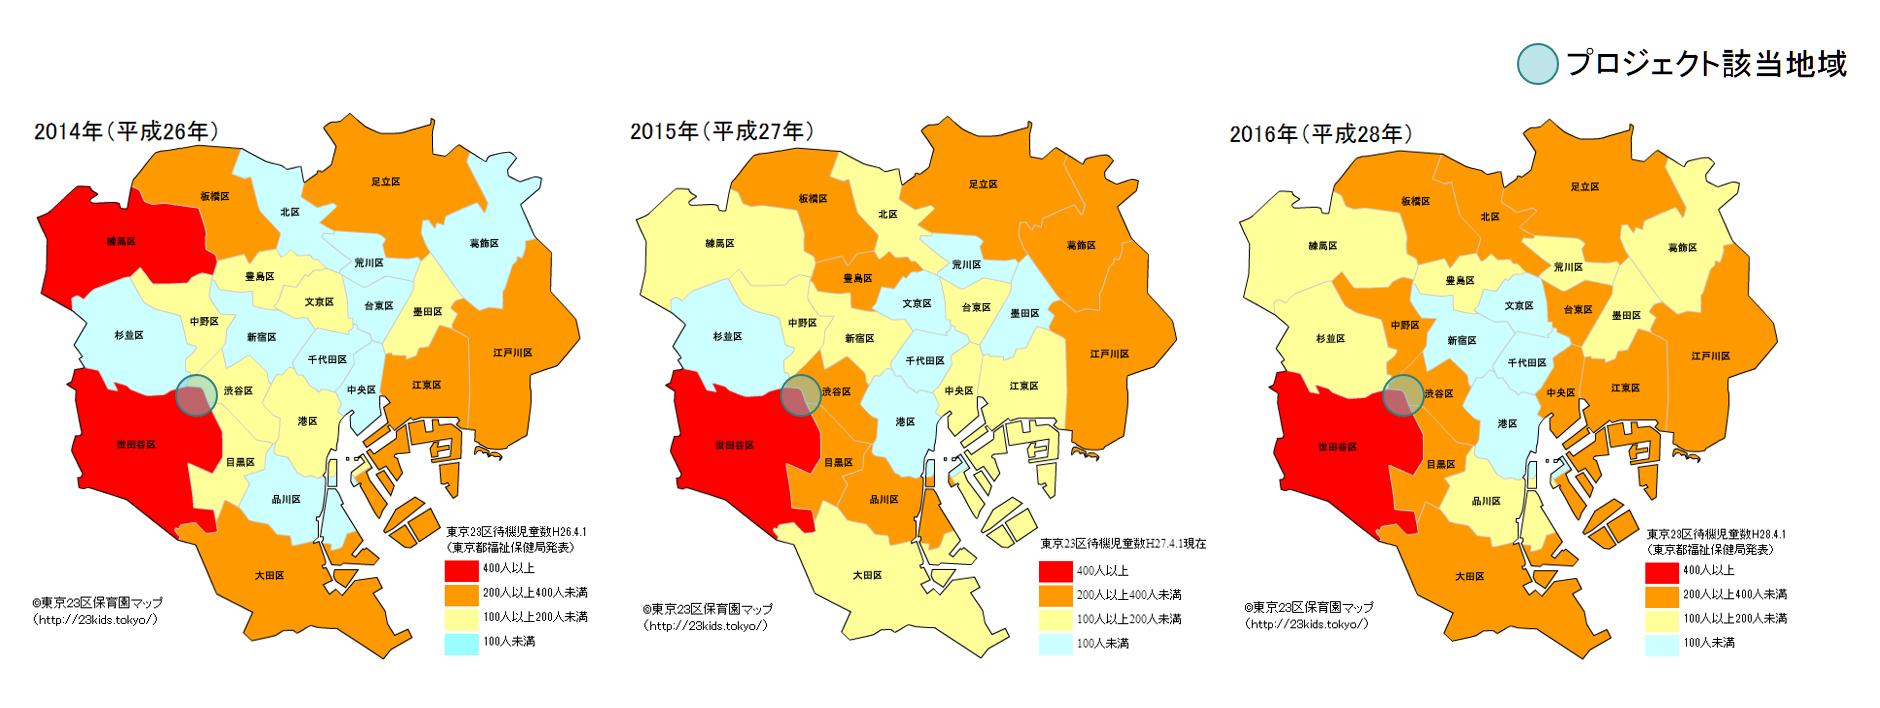 東京23区別待機児童数